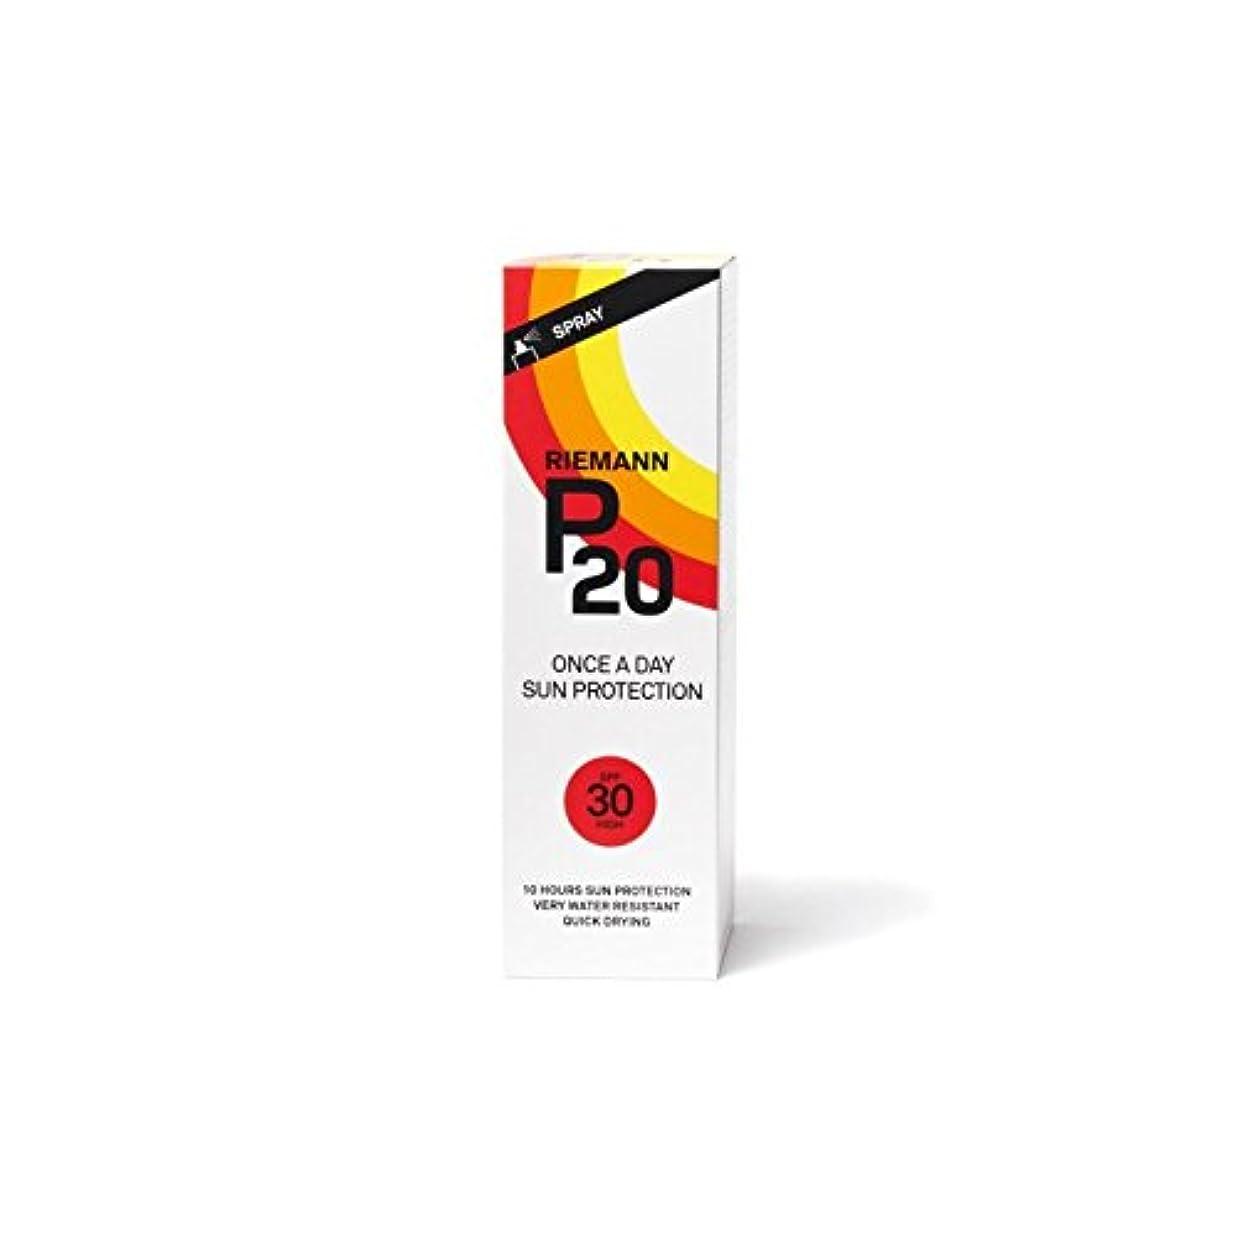 きょうだいマウントバンクスピーカーRiemann P20 Sun Filter 100ml SPF30 (Pack of 6) - リーマン20のサンフィルター100ミリリットル30 x6 [並行輸入品]